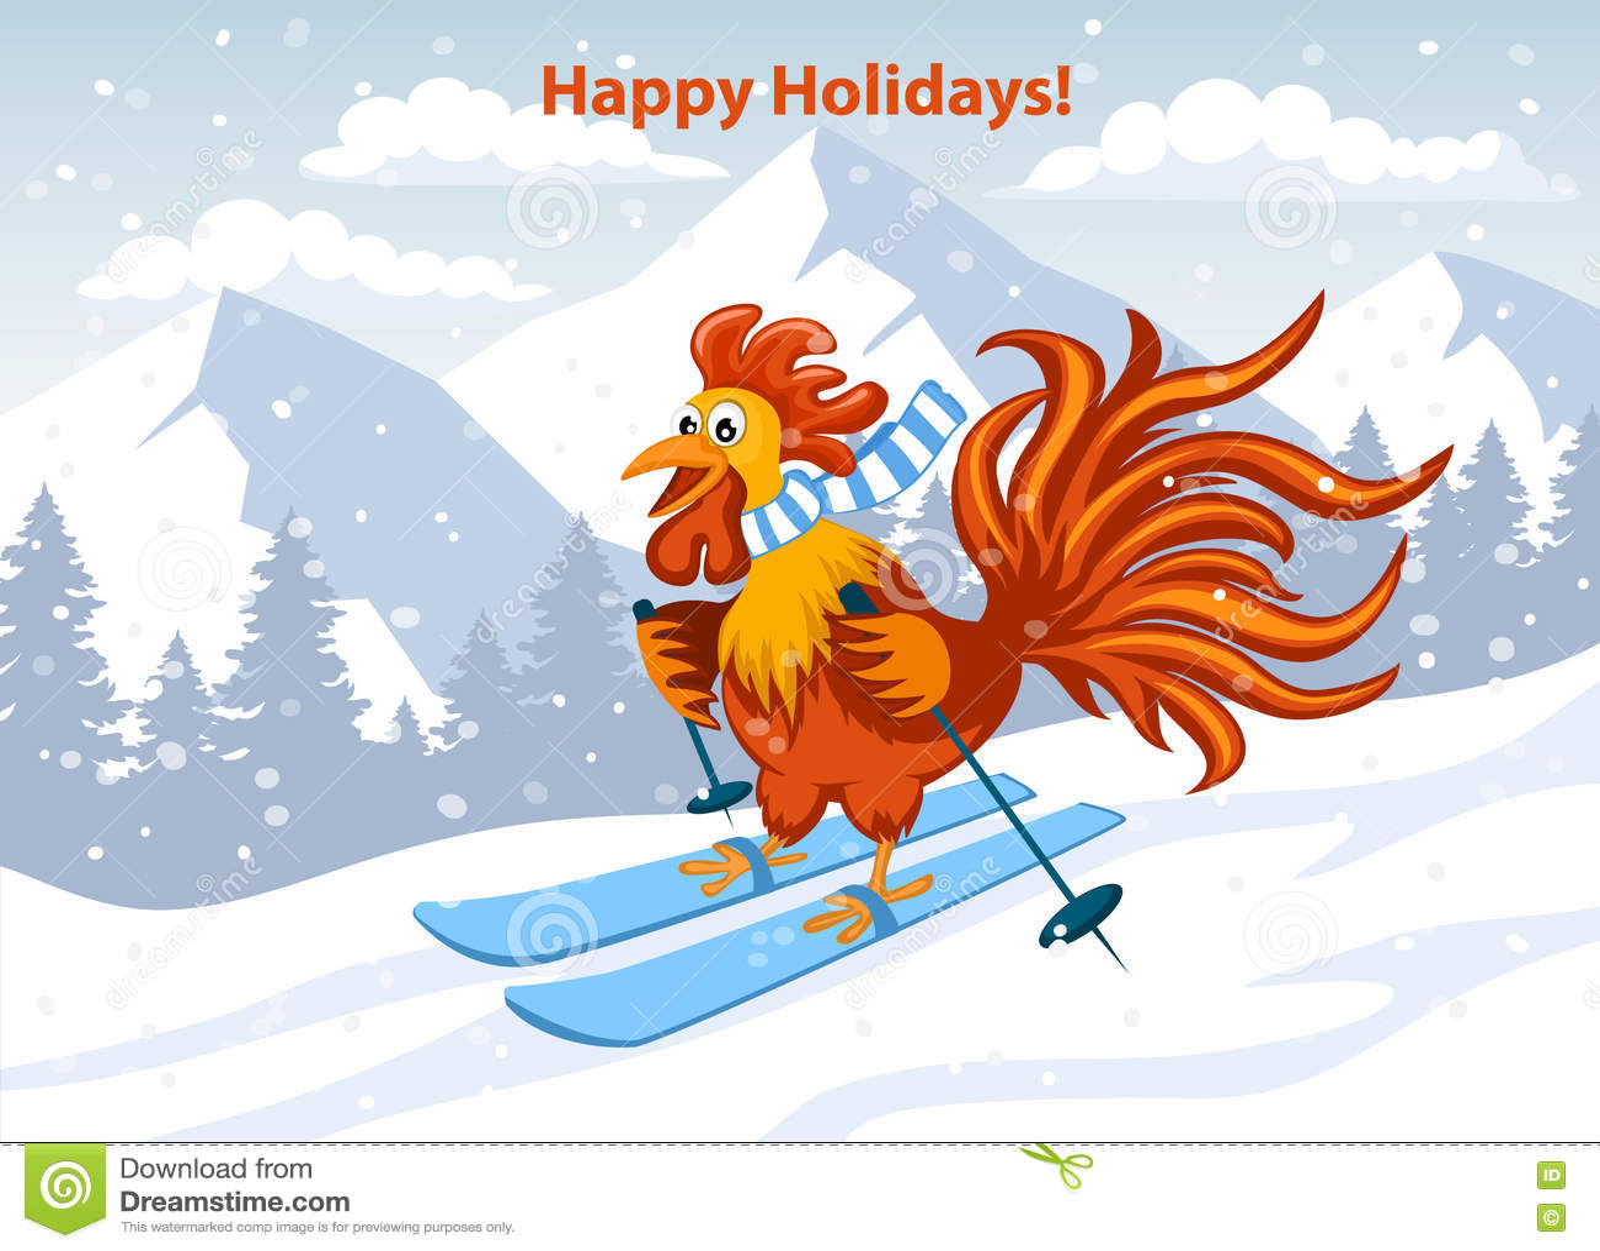 Frohe Feiertage Frohe Weihnachten Und Guten Rutsch Ins Neue Jahr